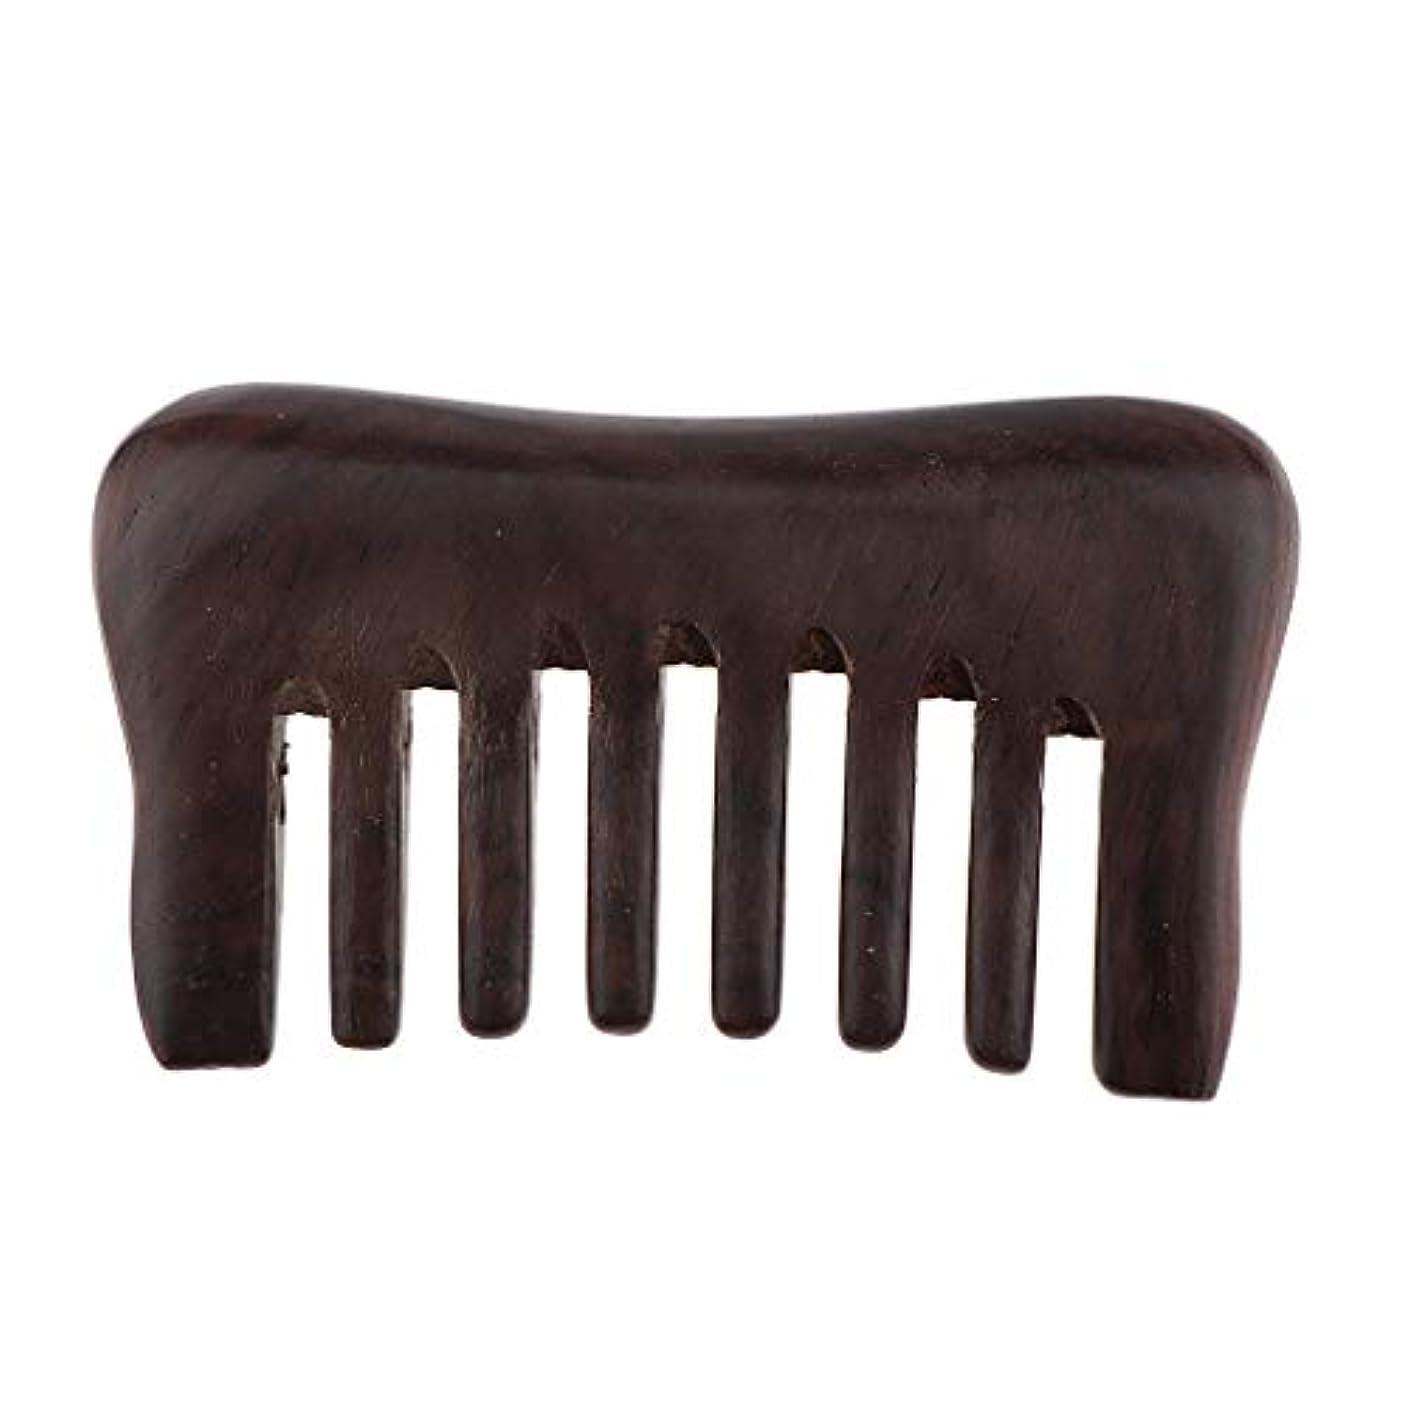 縫い目ライン側面F Fityle ヘアコーム 木製櫛 頭皮マッサージ ヘアブラシ 3色選べ - 黒檀